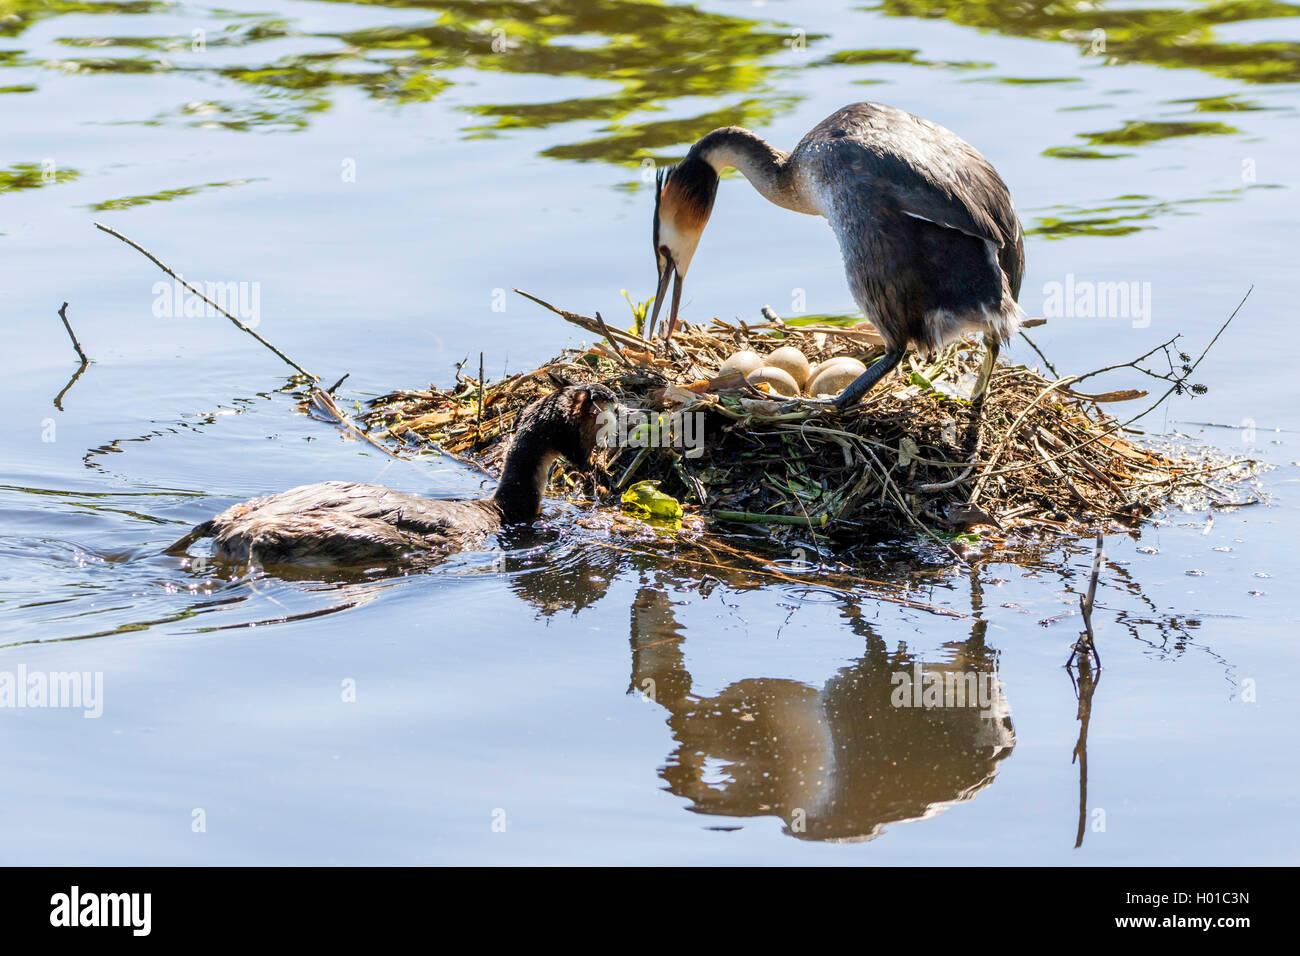 Haubentaucher, Hauben-Taucher (Podiceps cristatus), am Nest mit Eiern, Deutschland   great crested grebe (Podiceps - Stock Image